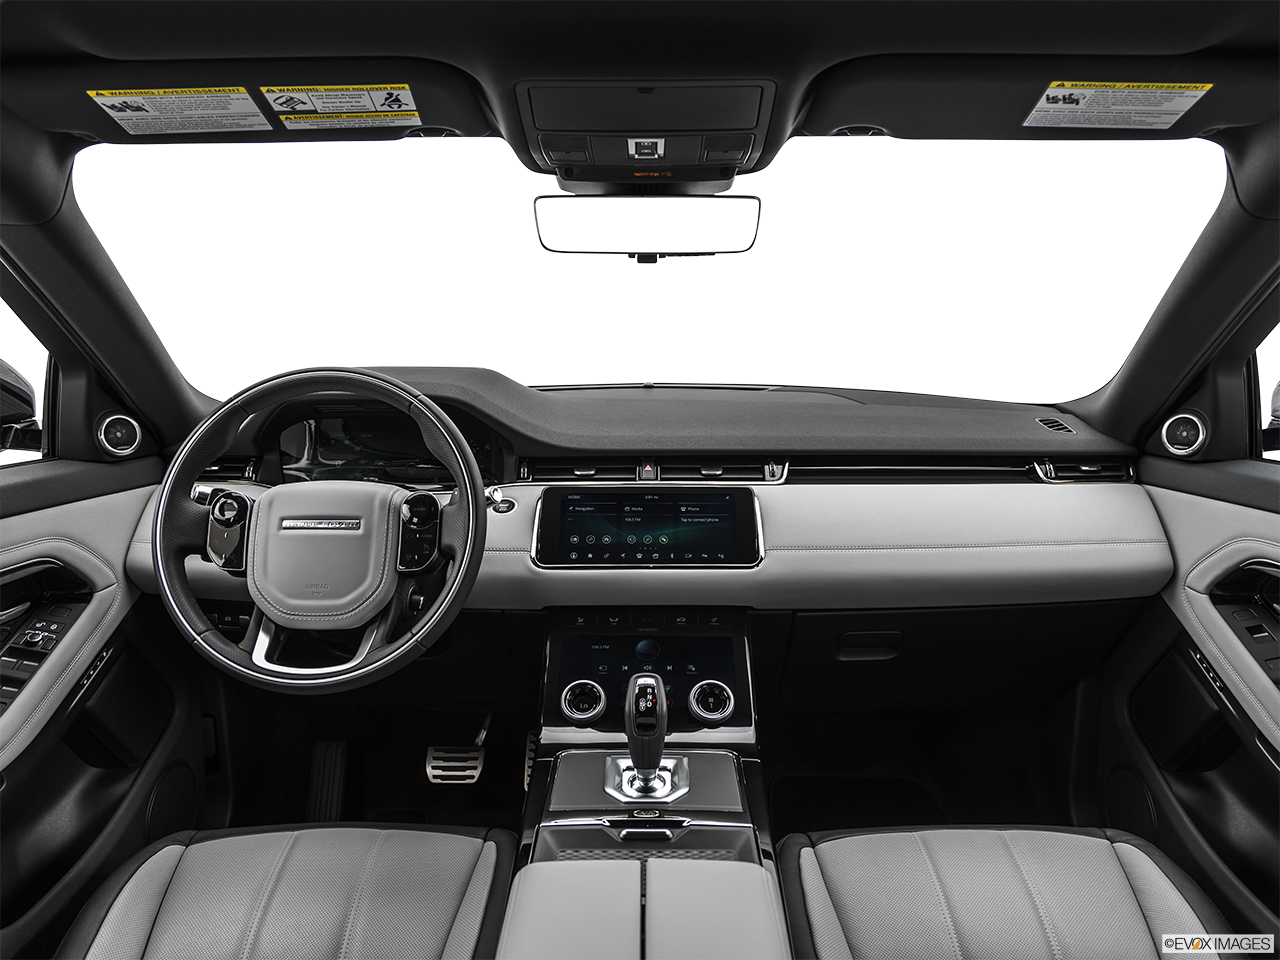 2020 Land Rover Range Rover Evoque photo